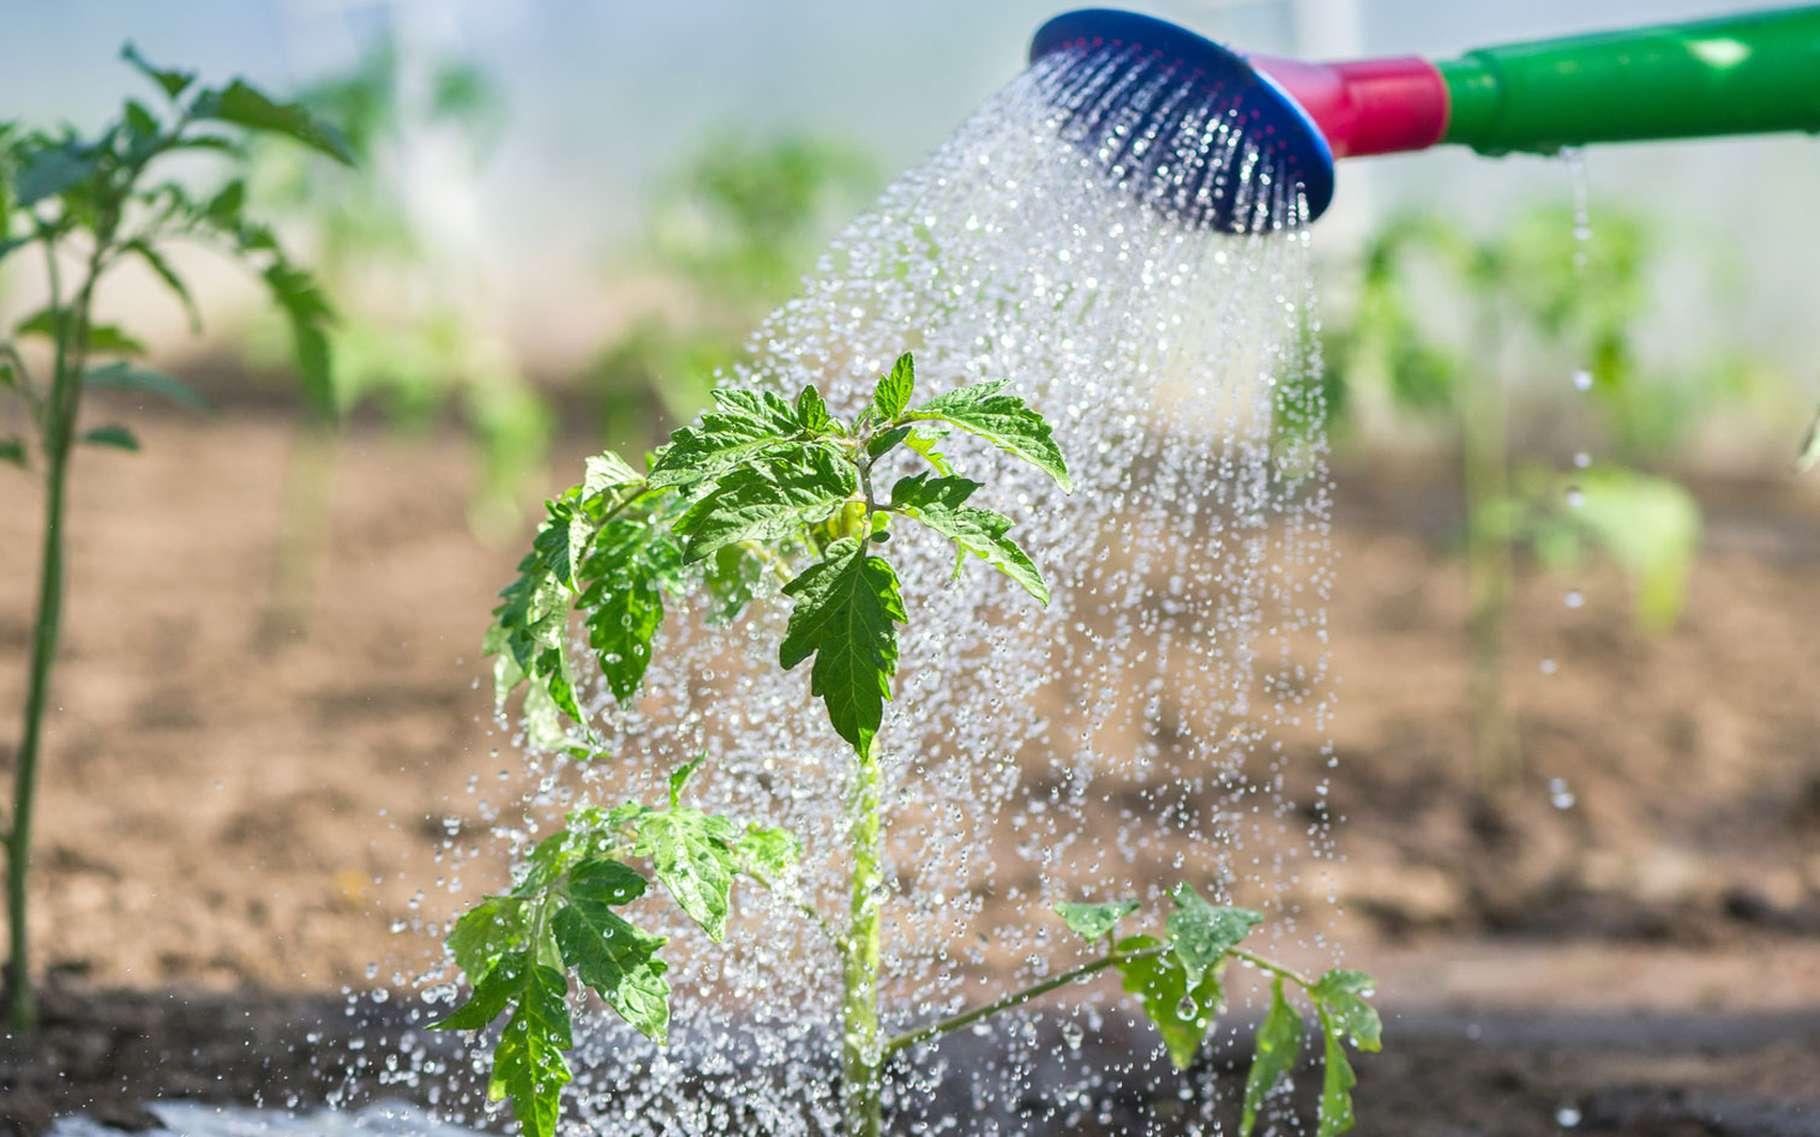 Comment Arroser Jardin Pendant Vacances les arrosages réguliers sont importants | dossier